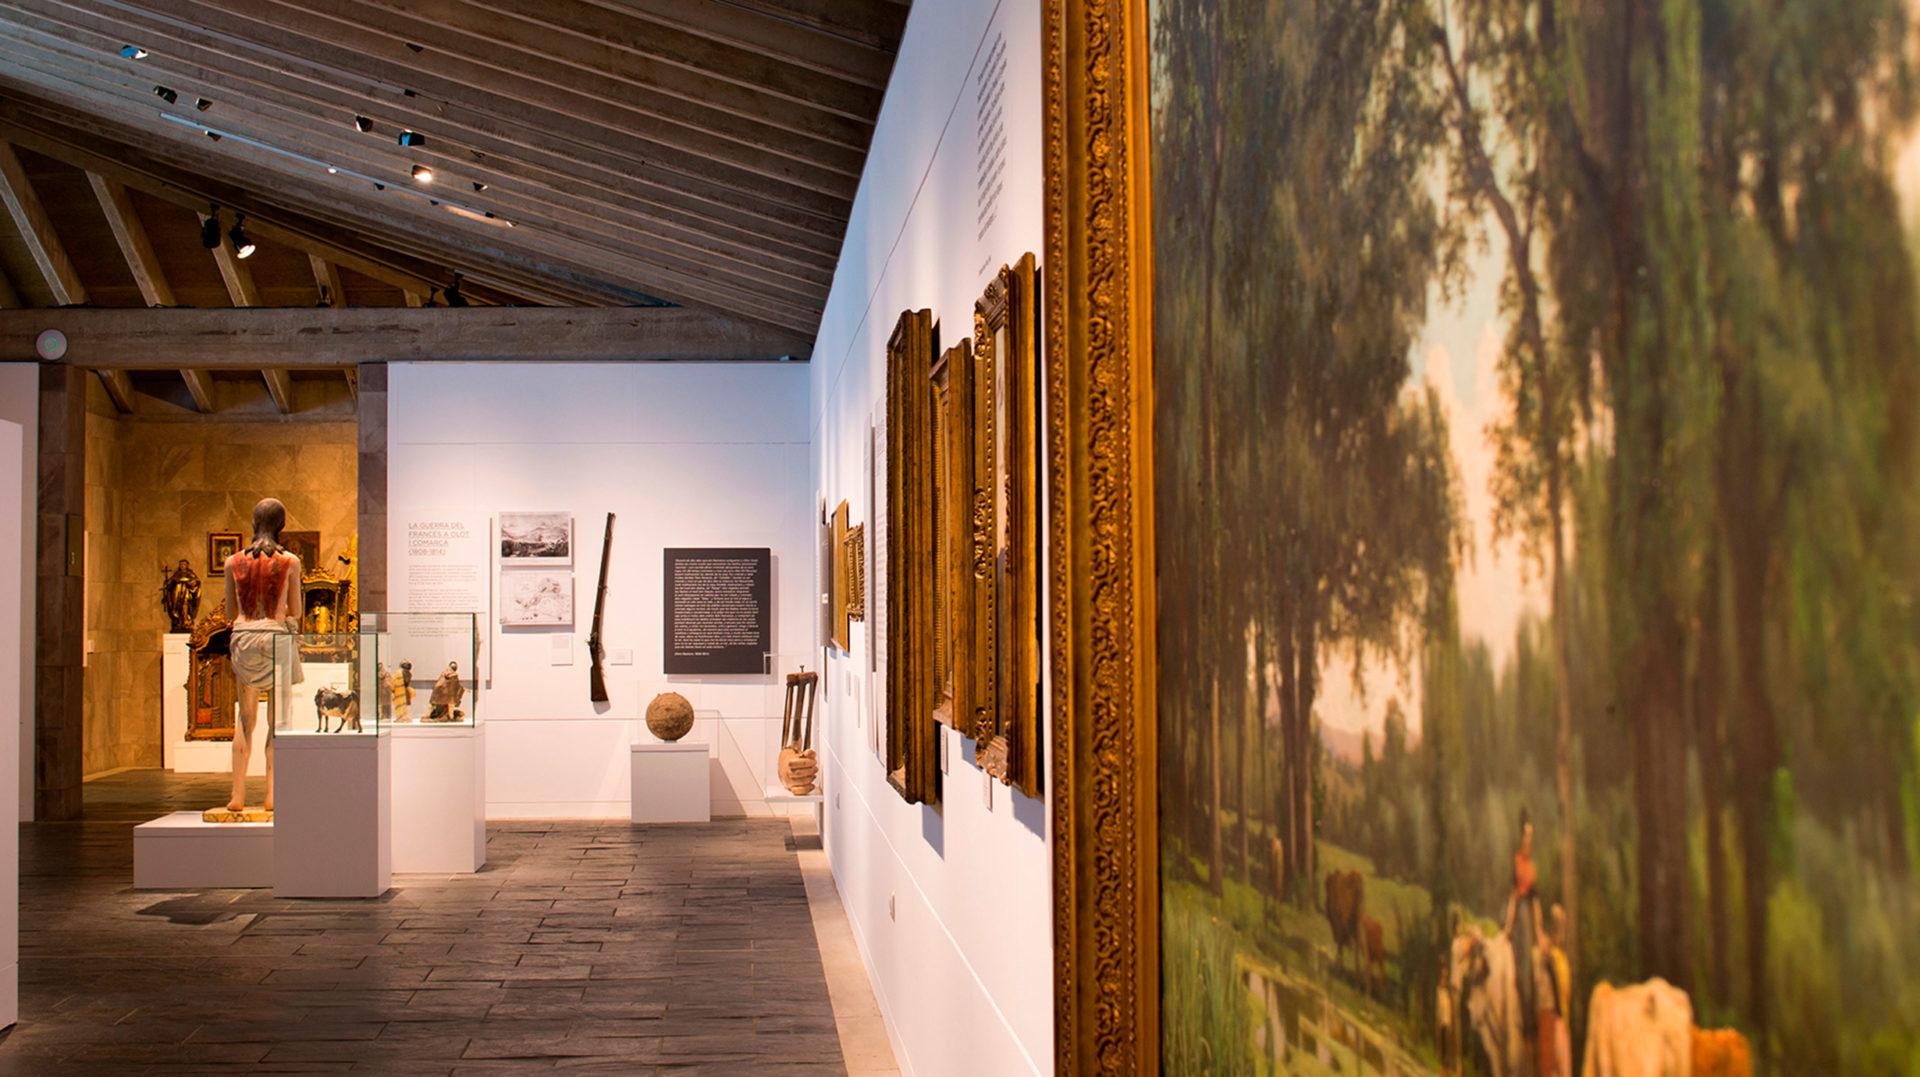 Presentació dels canvis en l'exposició semipermanent del Museu de la Garrotxa